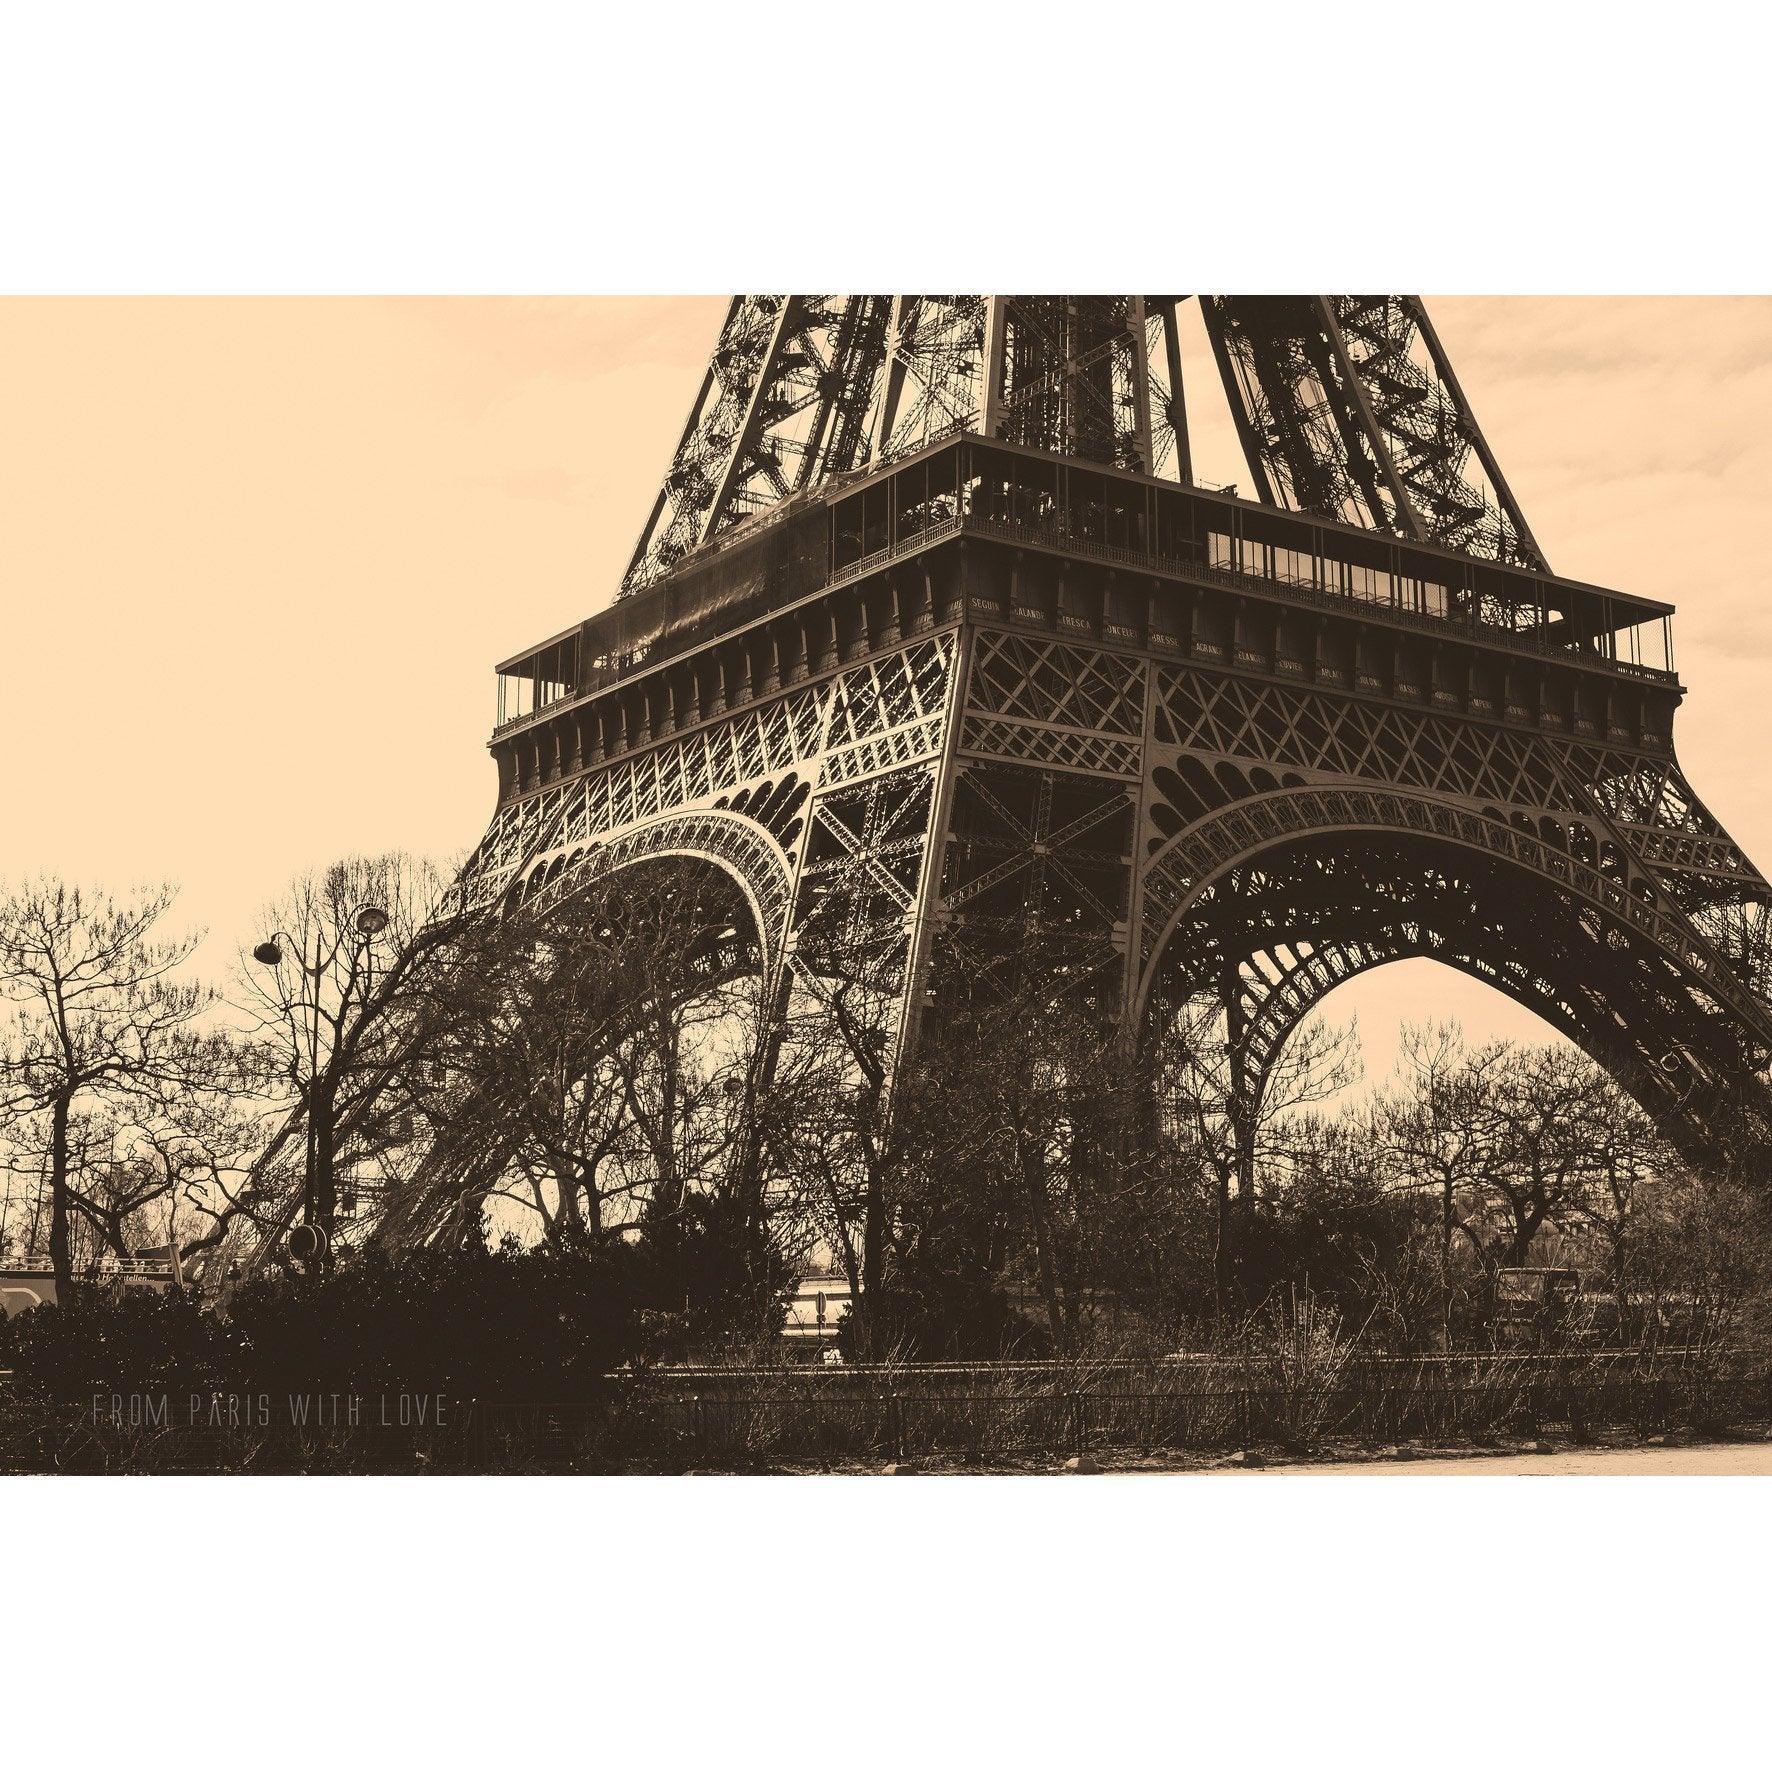 Verre imprimé TOUR EIFFEL, sépia et noir ARTIS l.63.5 x H.43.5 cm